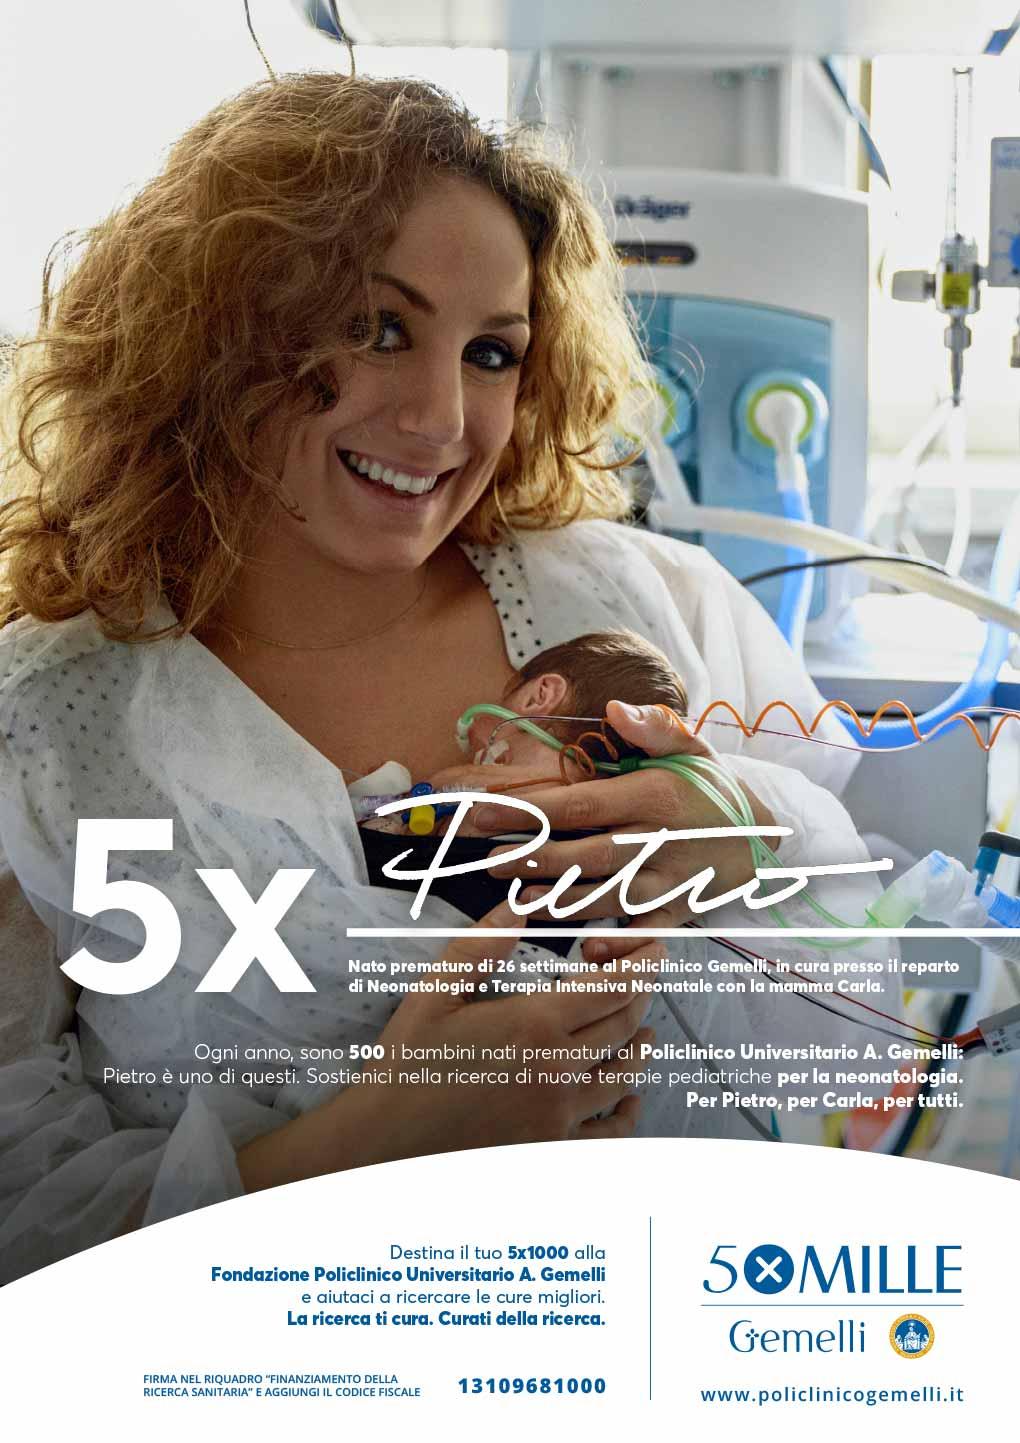 Campagna Gemelli 5xTutti: quinto soggetto